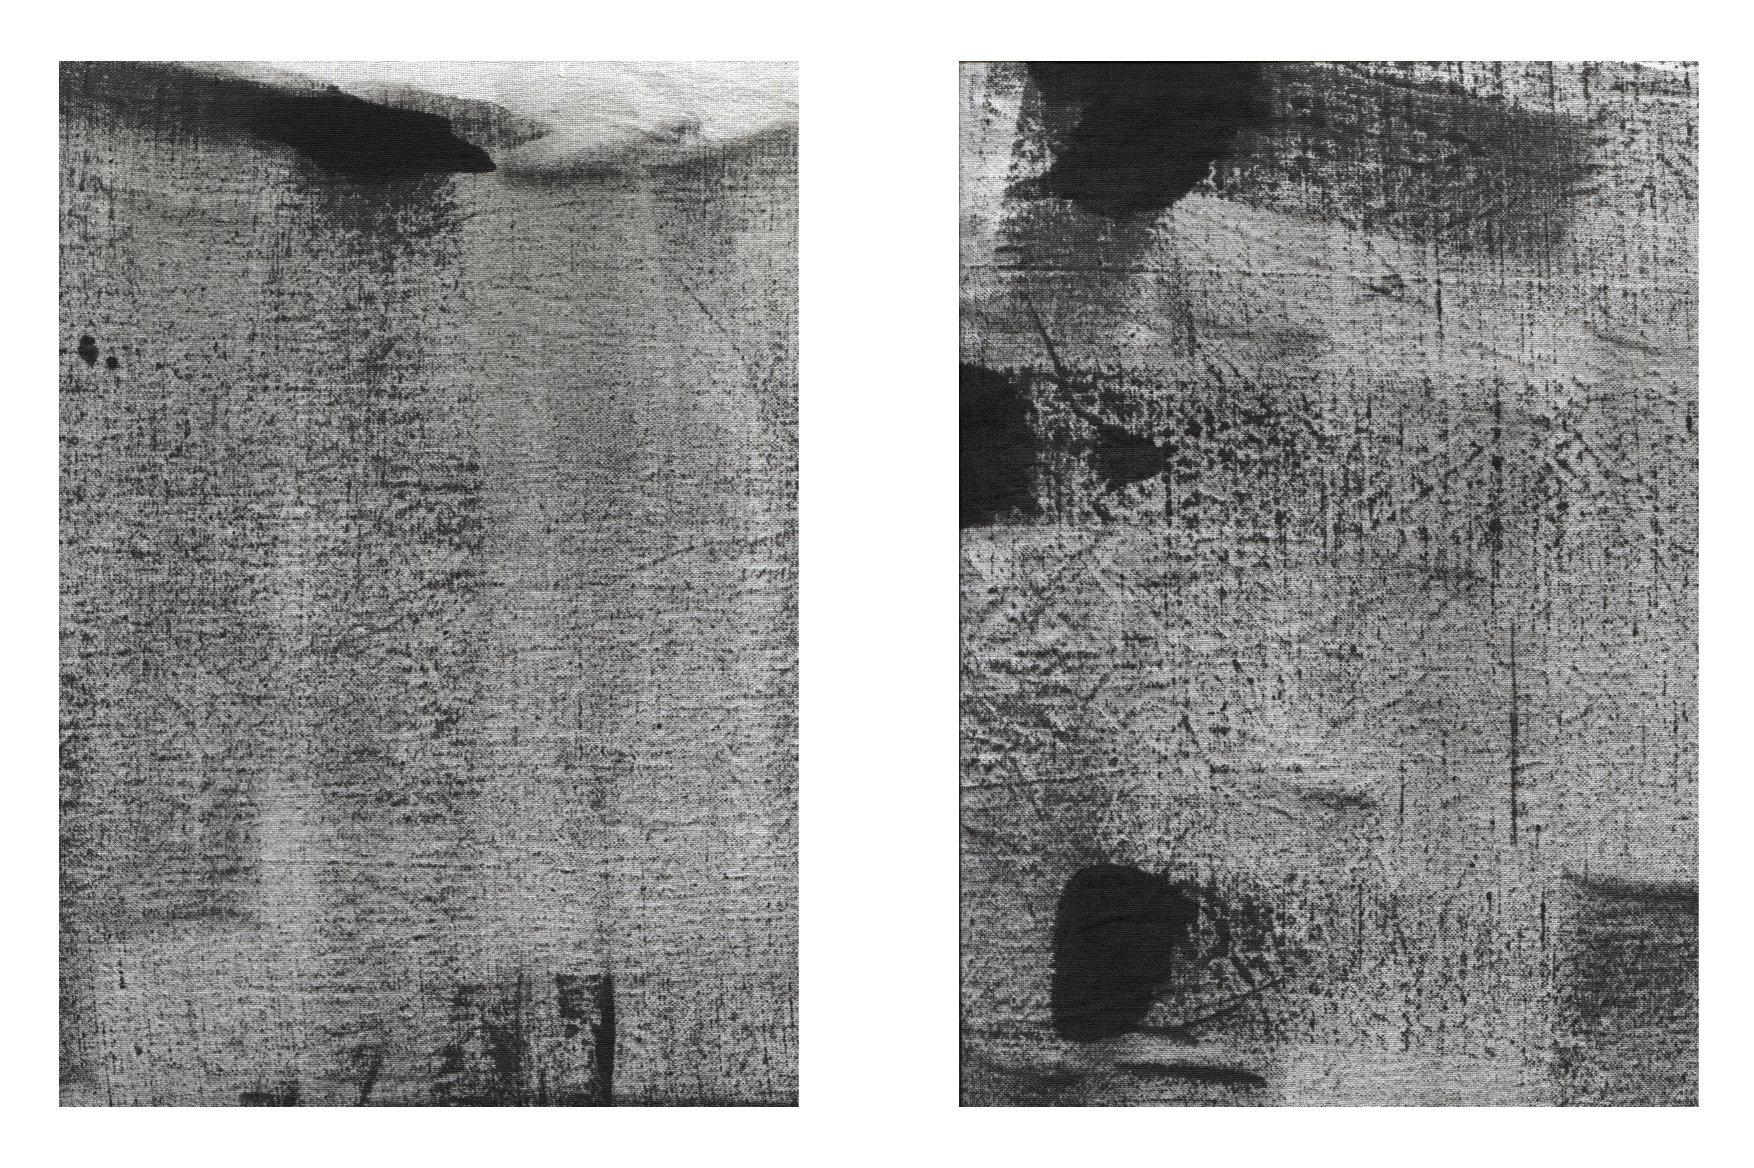 156款复古做旧折痕磨损褶皱纸张背景纹理素材合集 The Grunge Texture Bundle Vol. 1插图(6)